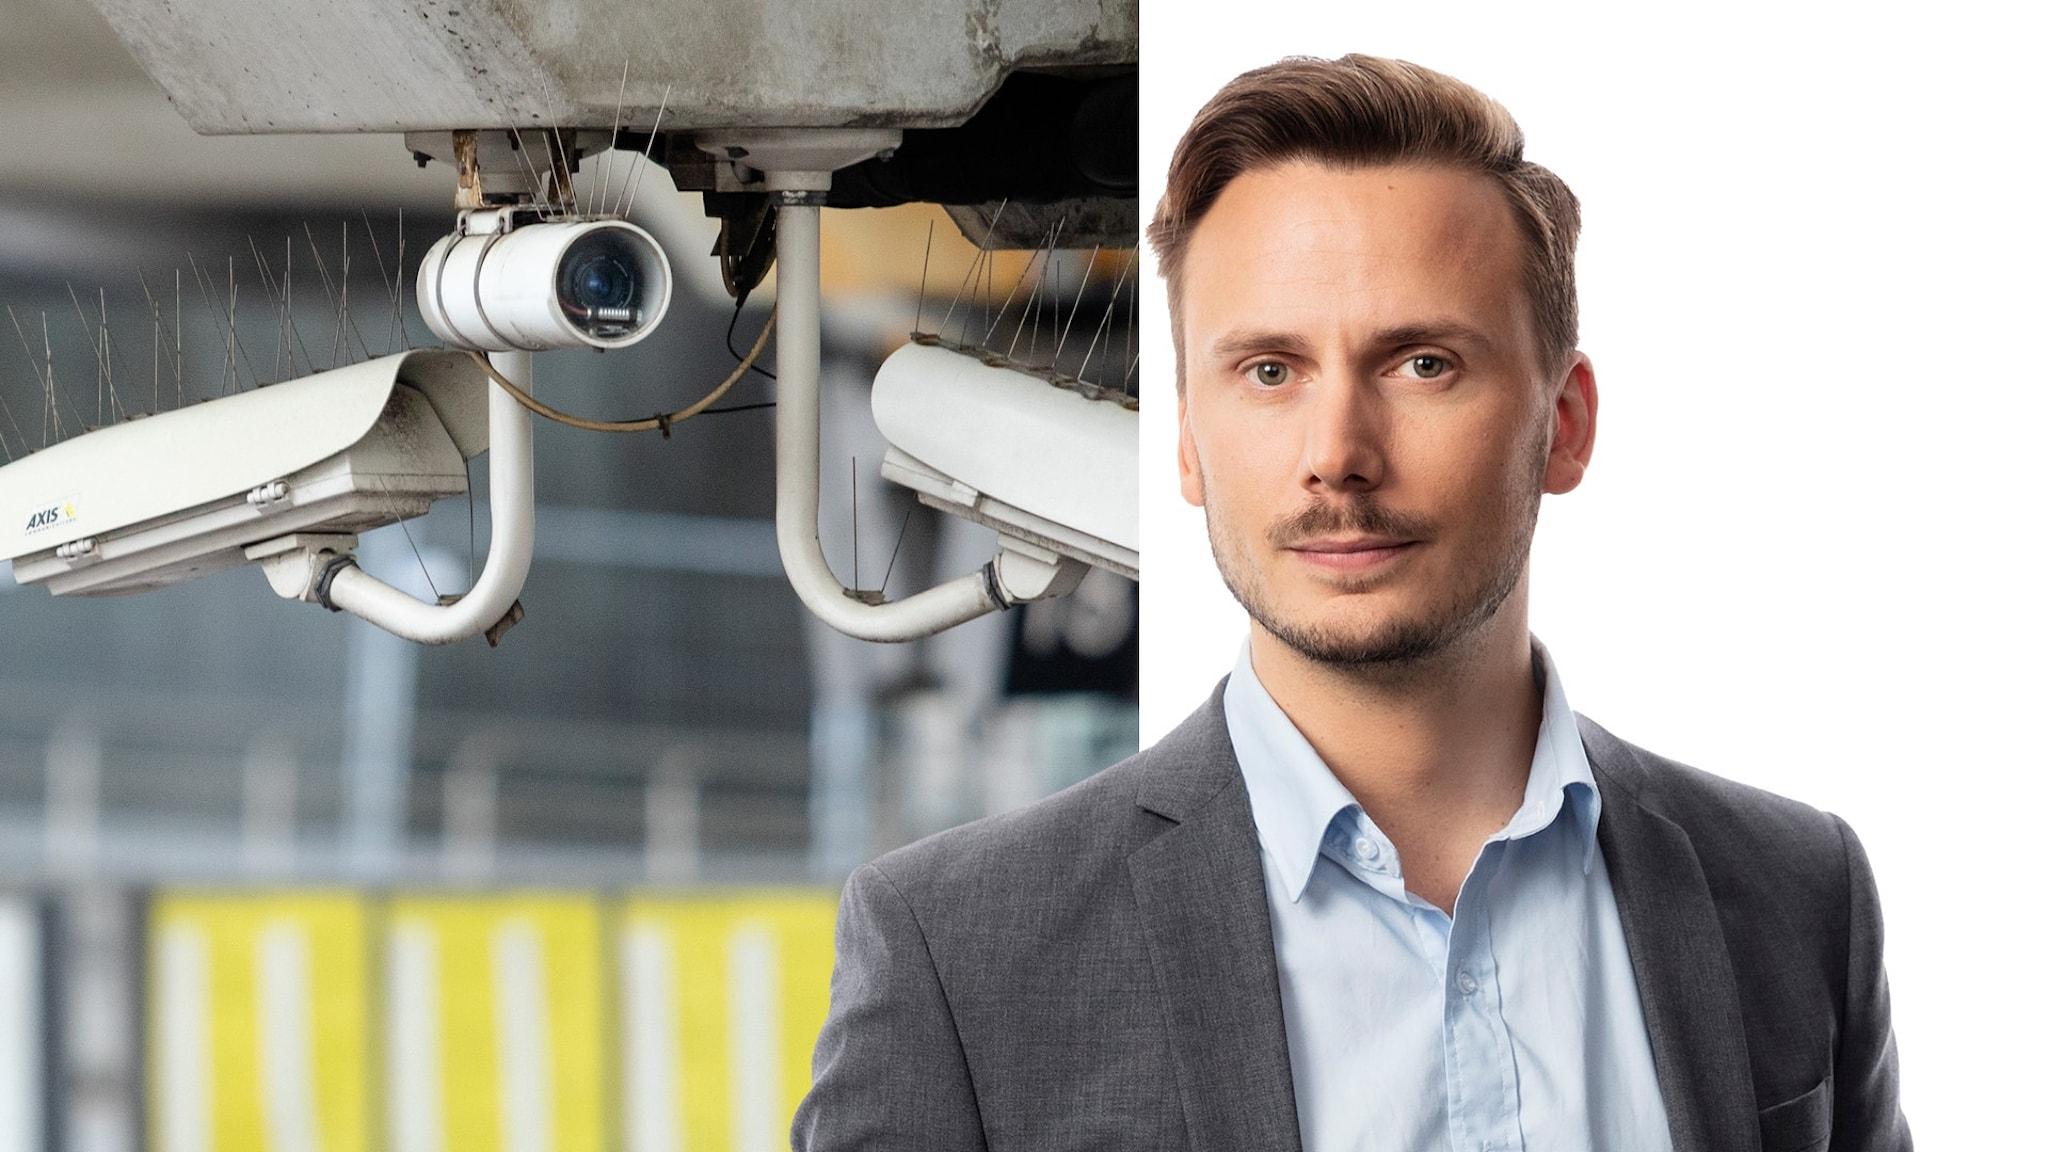 Två delad bild. Bild på övervakningskameror, och på utrikeskrönikören Björn Djurberg.